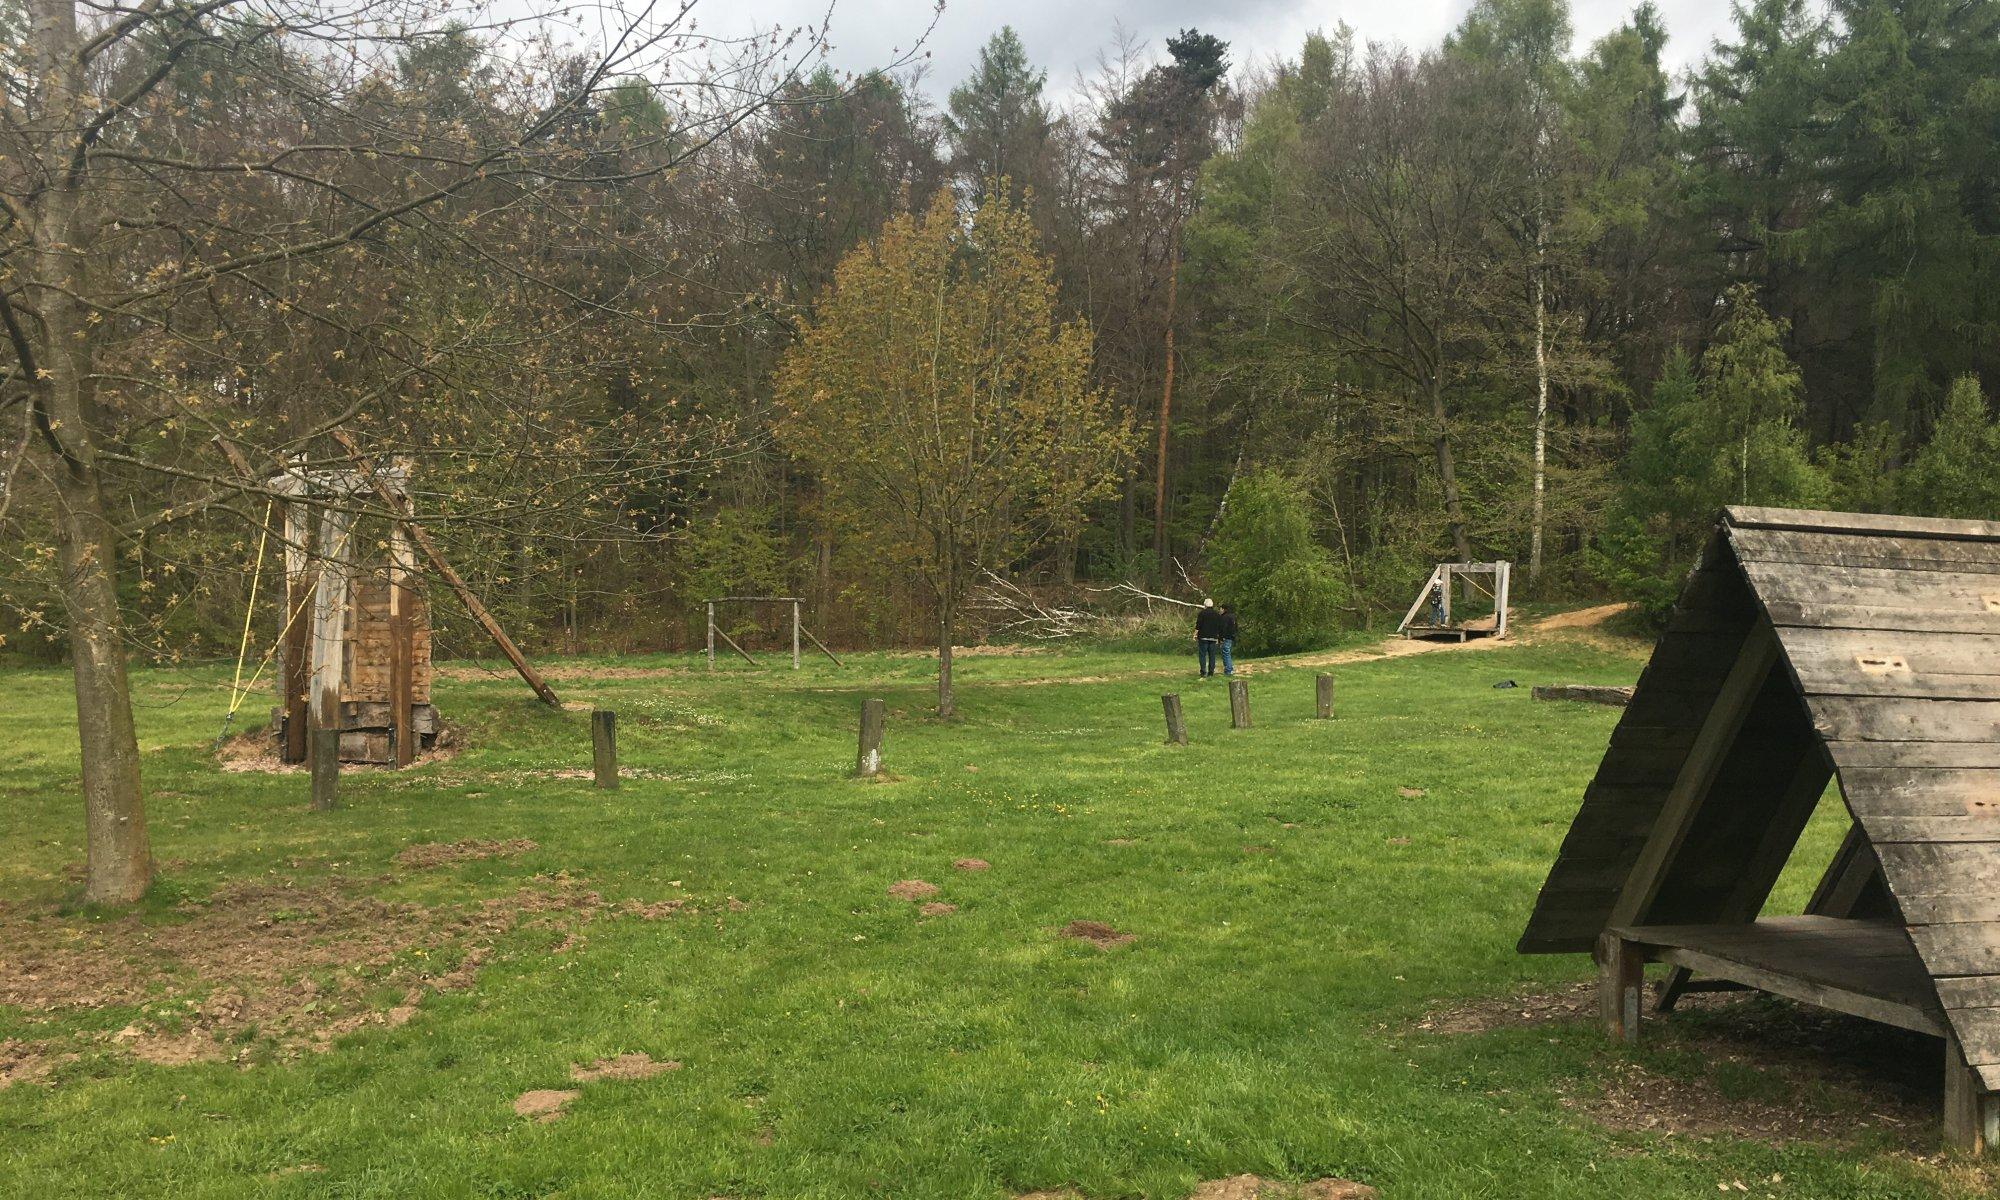 Wald- und Abenteuerspielplatz Kattenbühl, Hann. Münden